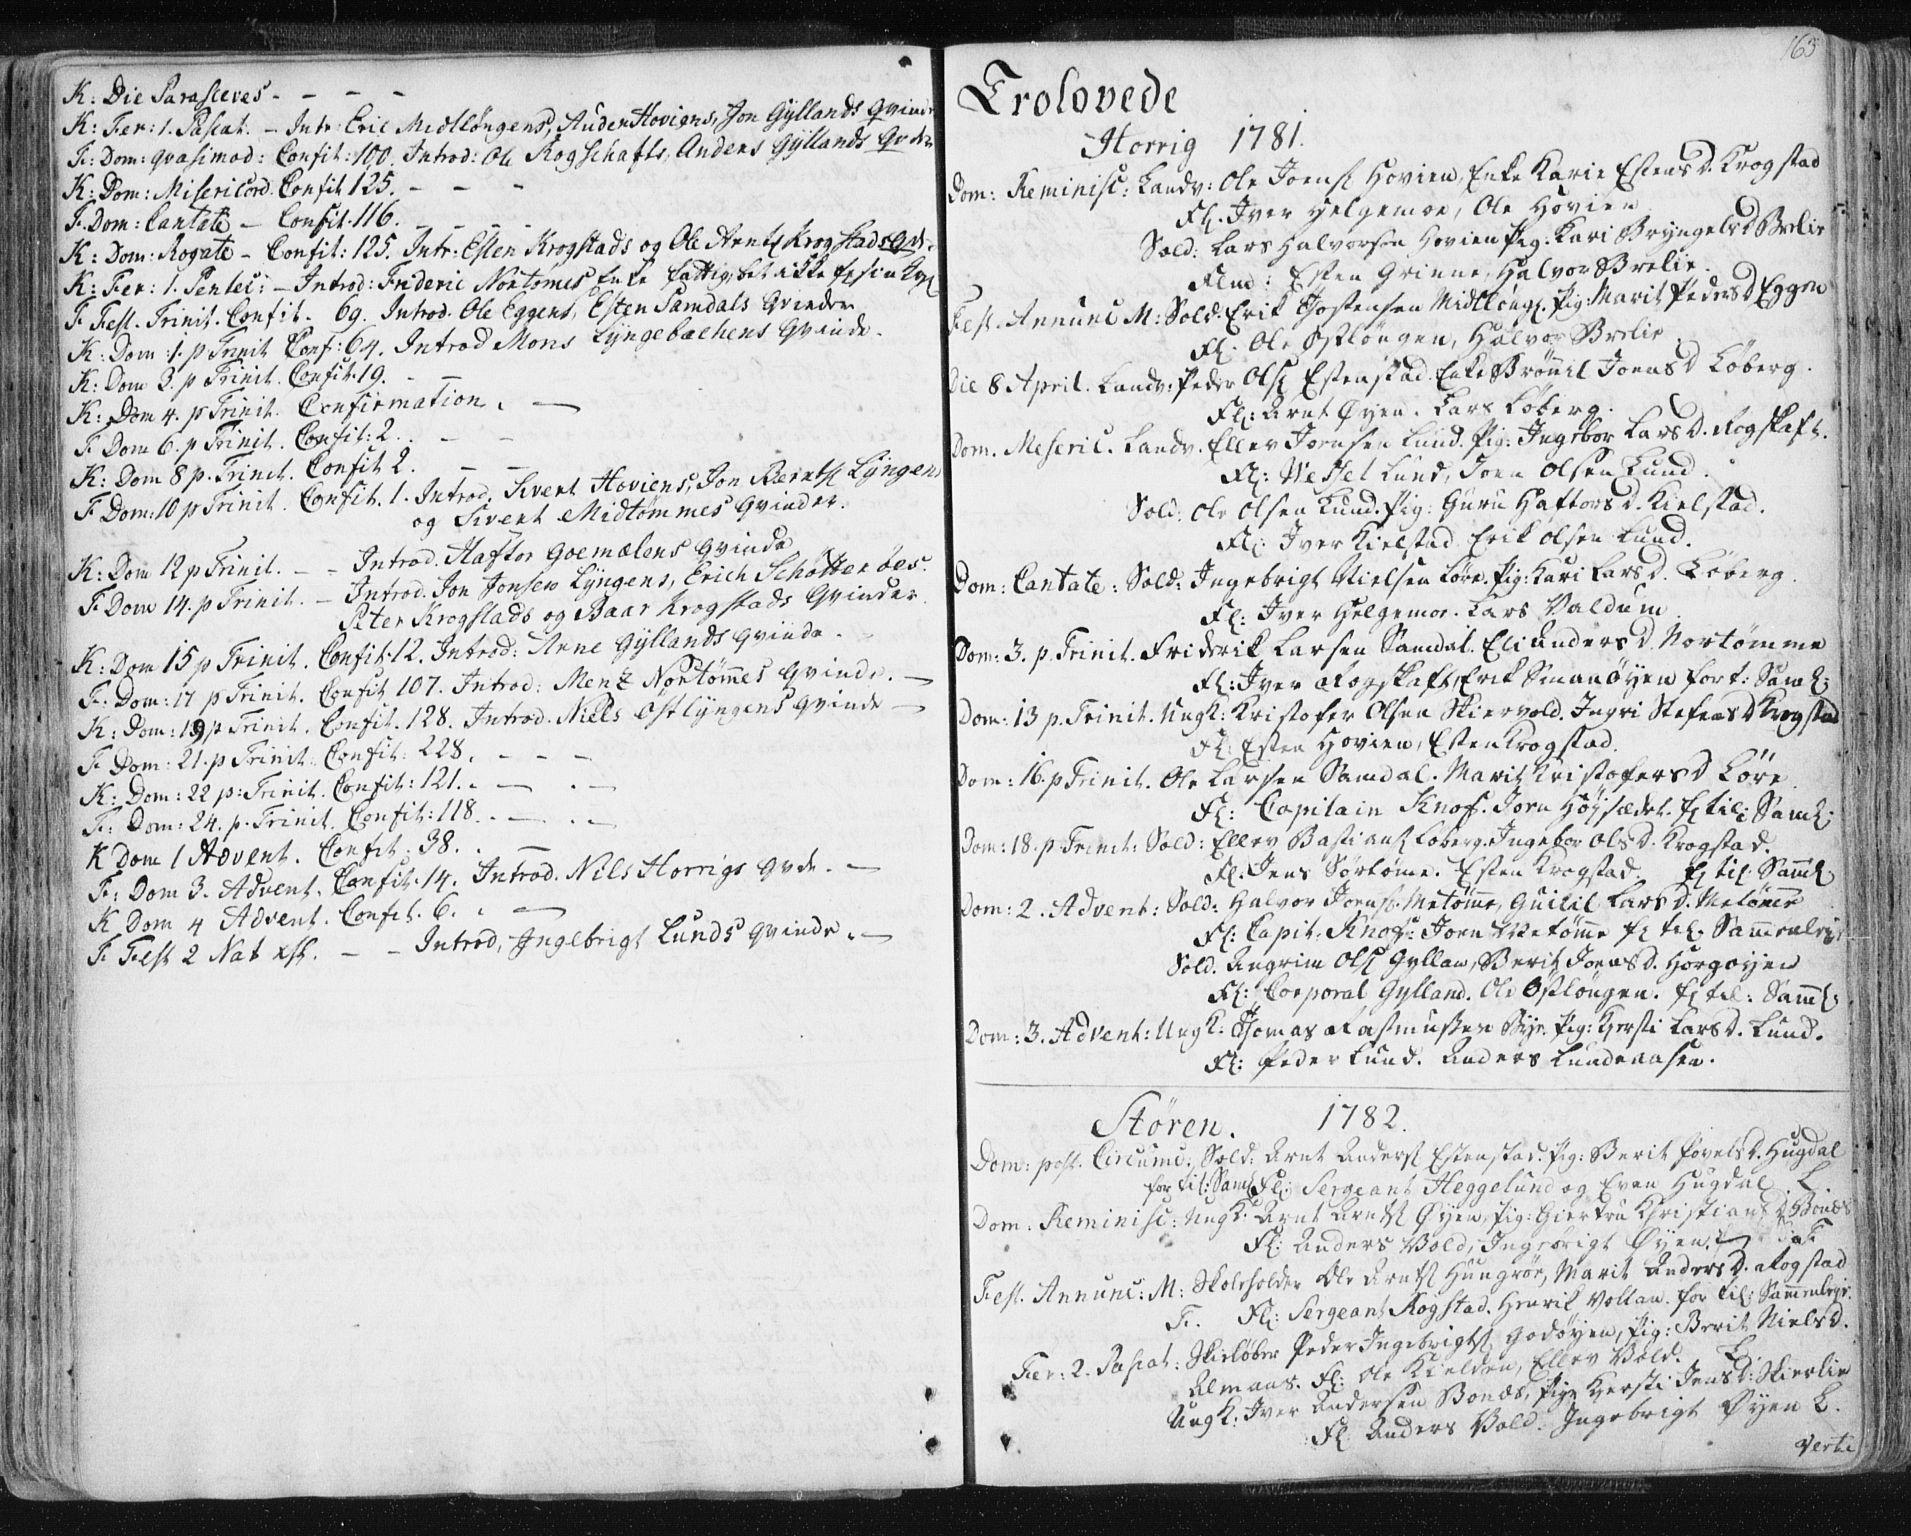 SAT, Ministerialprotokoller, klokkerbøker og fødselsregistre - Sør-Trøndelag, 687/L0991: Ministerialbok nr. 687A02, 1747-1790, s. 163